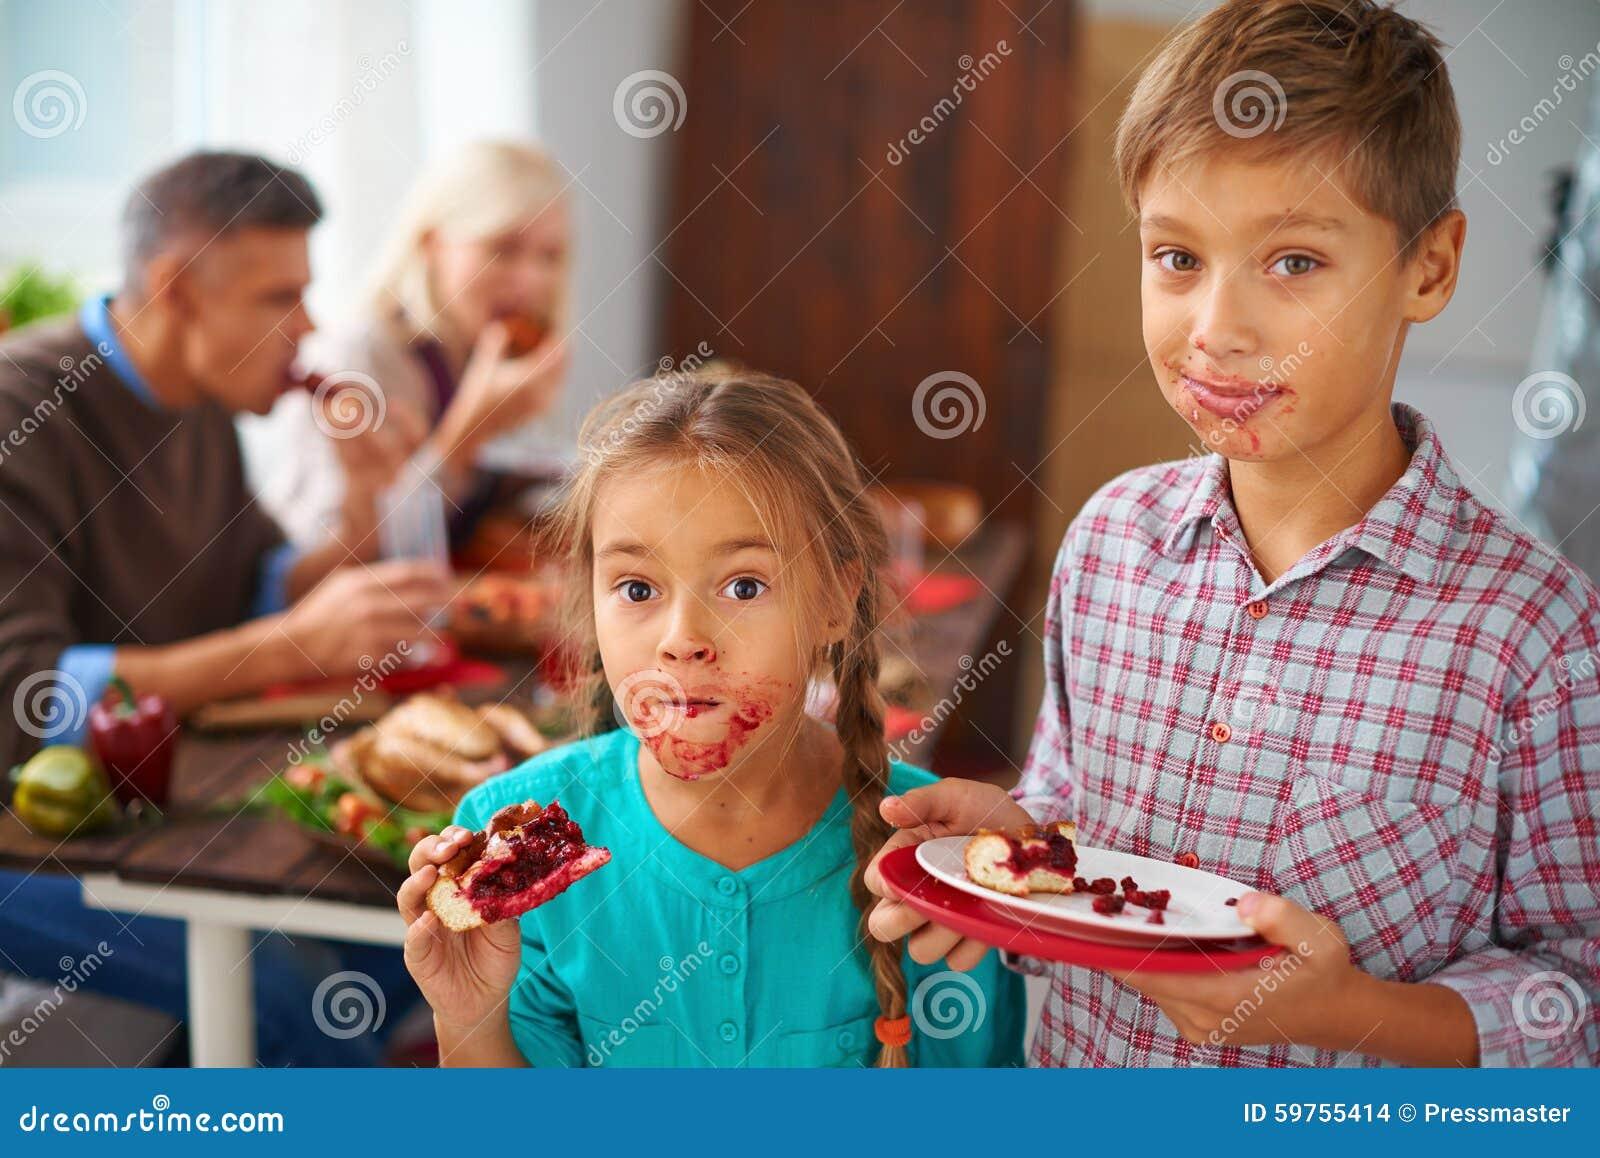 Download Fratelli Germani Divertenti Fotografia Stock - Immagine di casalingo, evento: 59755414